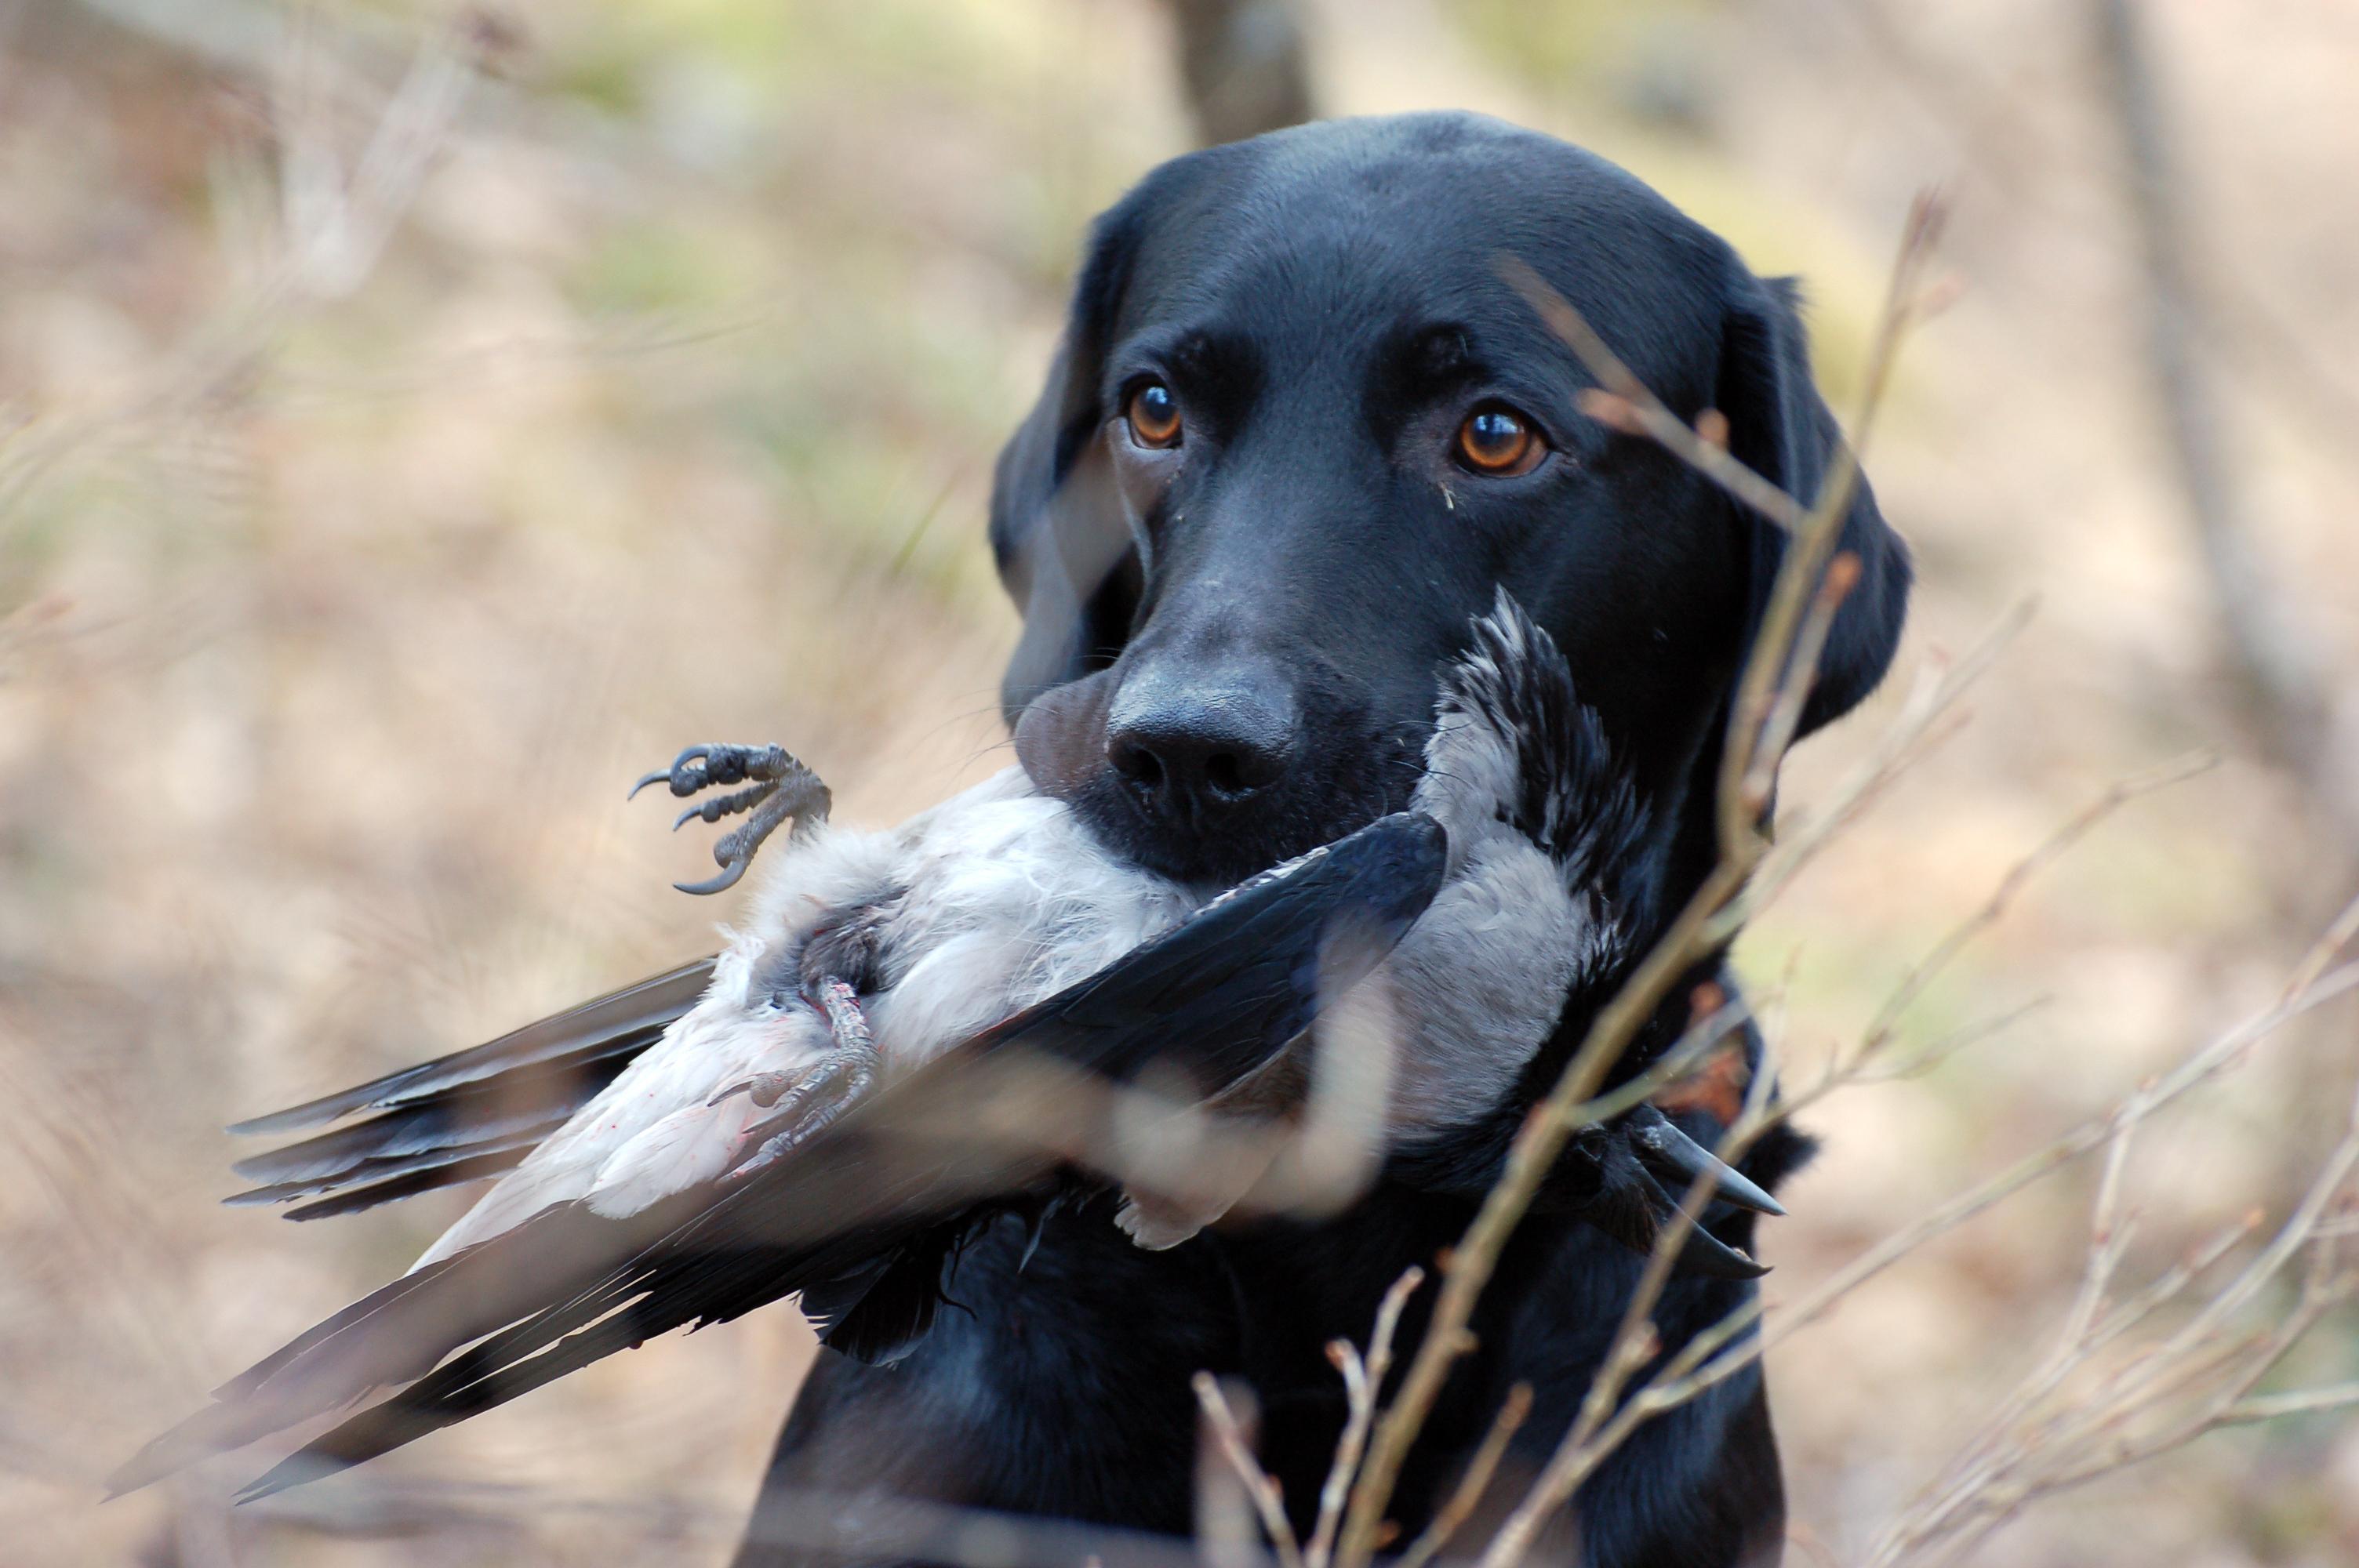 Jaktlabrador med apporterad kråka. Foto: Madeleine Lewander